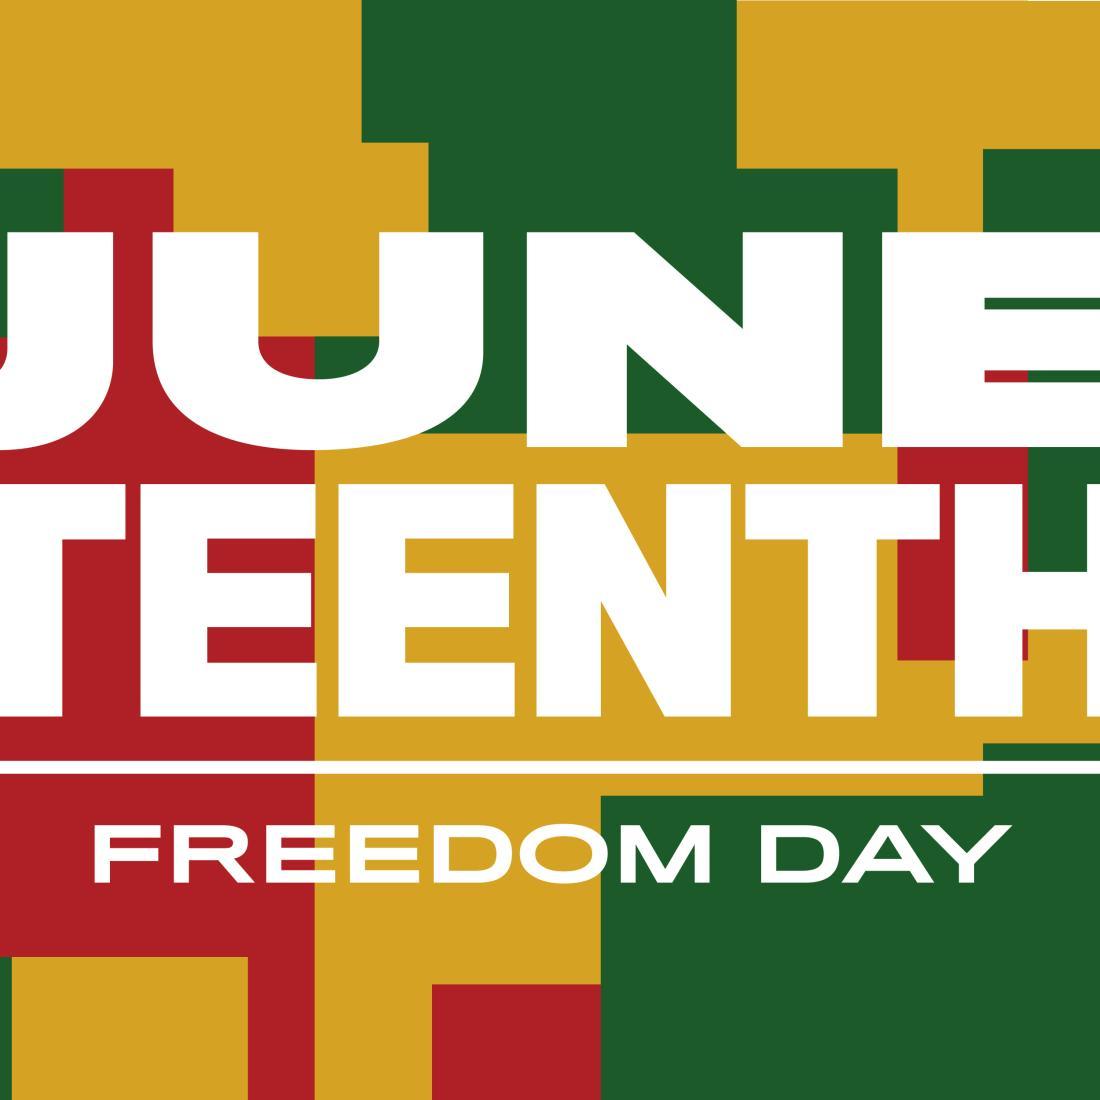 빨간색, 녹색 및 노란색 색상의 추상적 인 모양 배경 위에 제목 제목 Juneteenth 및 Freedom Day가있는 배너 이미지입니다.